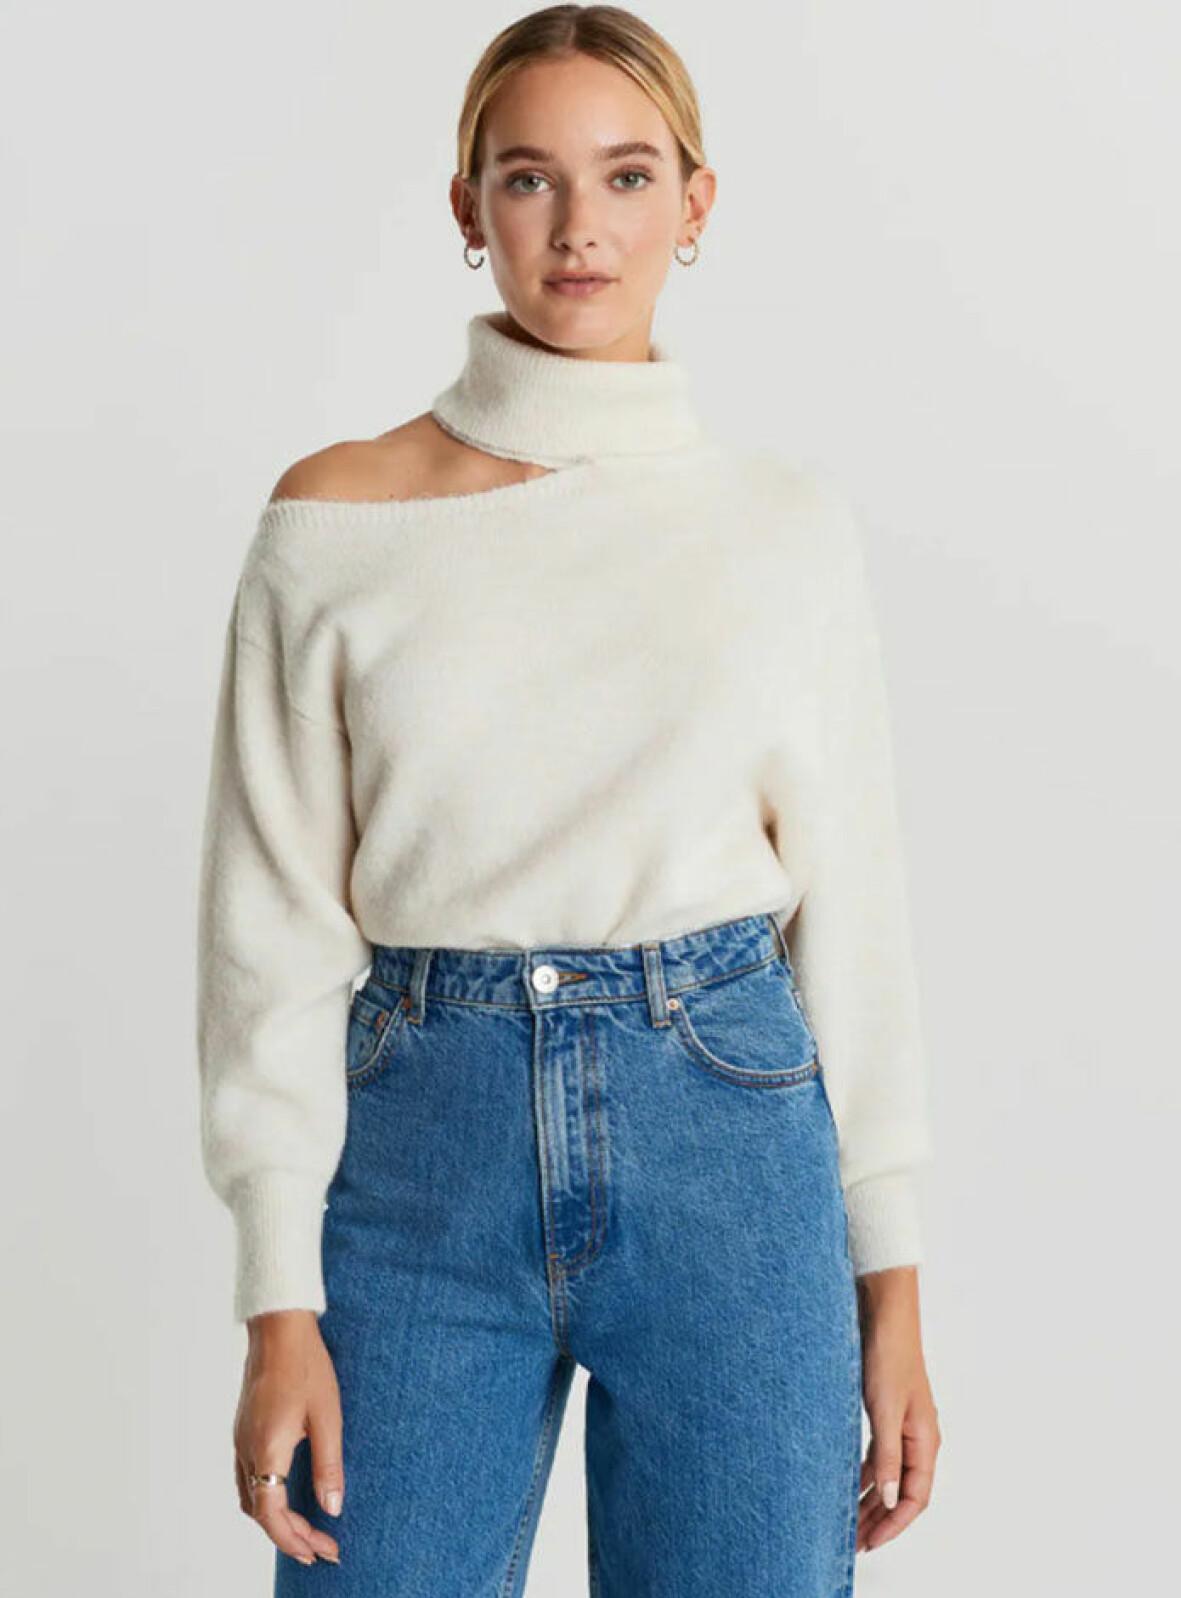 vit-stickad-troja-gina-tricot